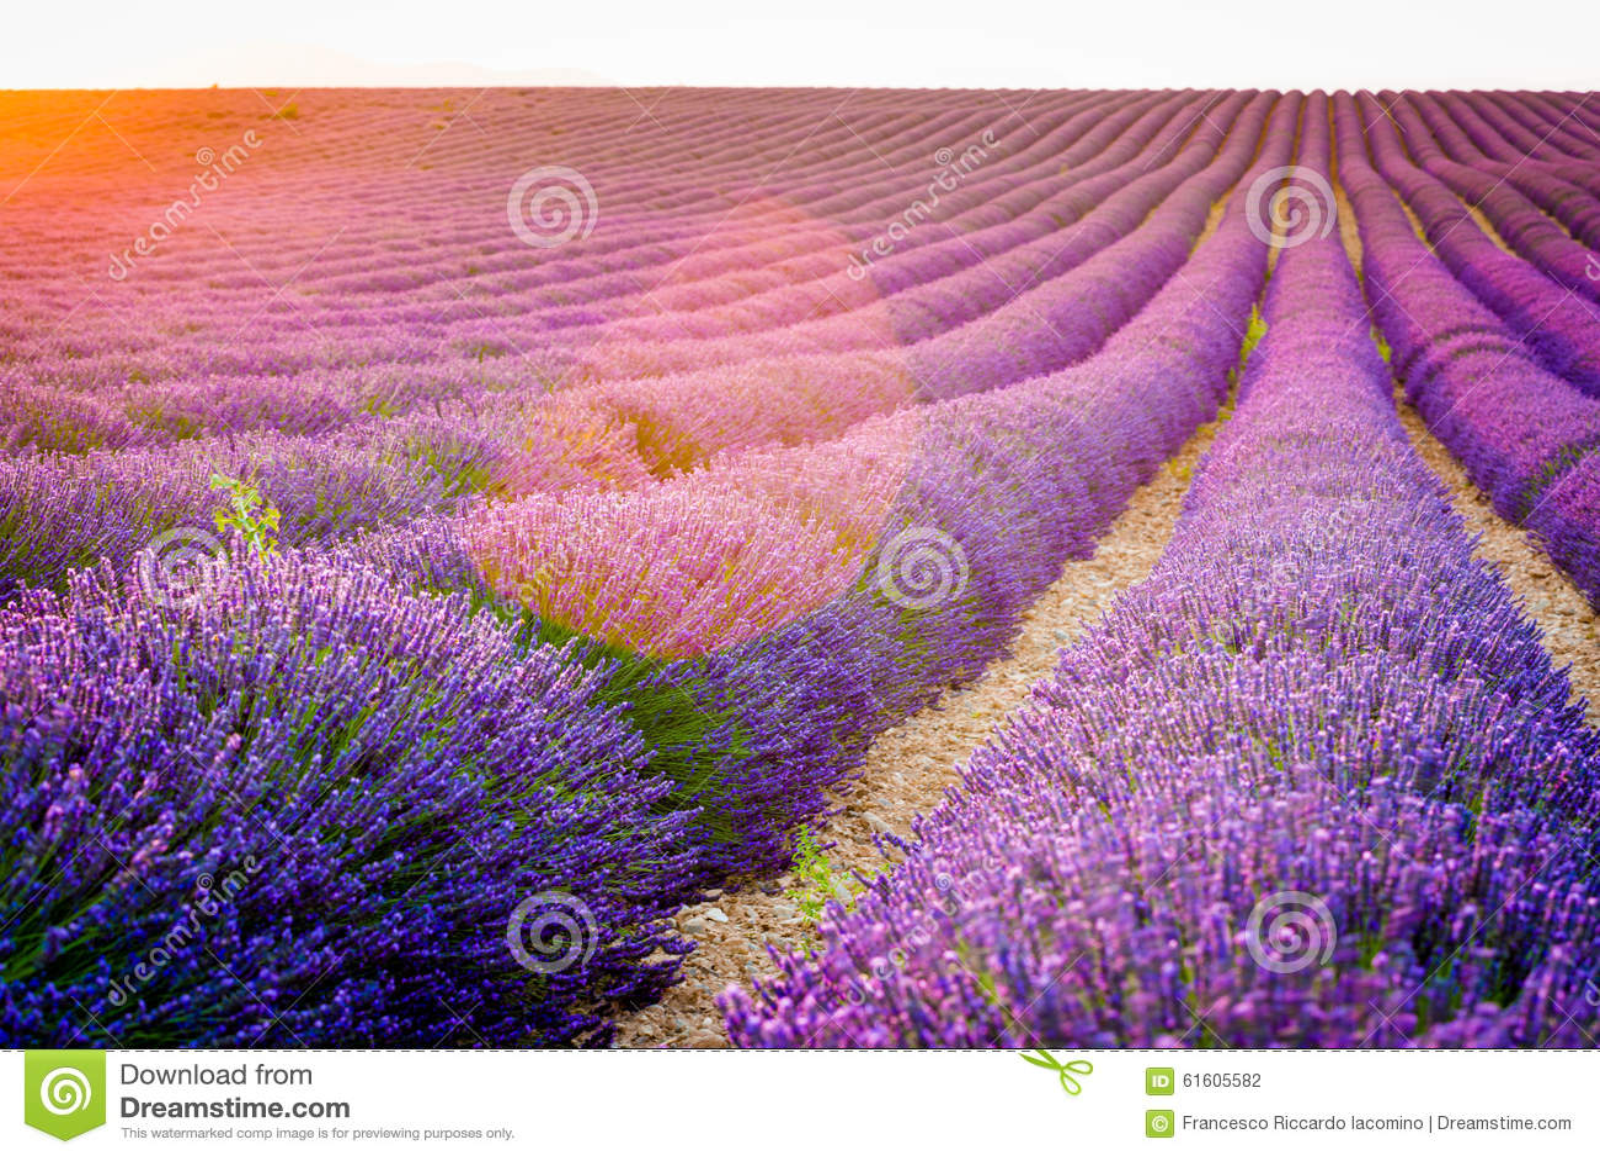 Провансаль, Франция, плато Valensole с фиолетовым полем лаванды